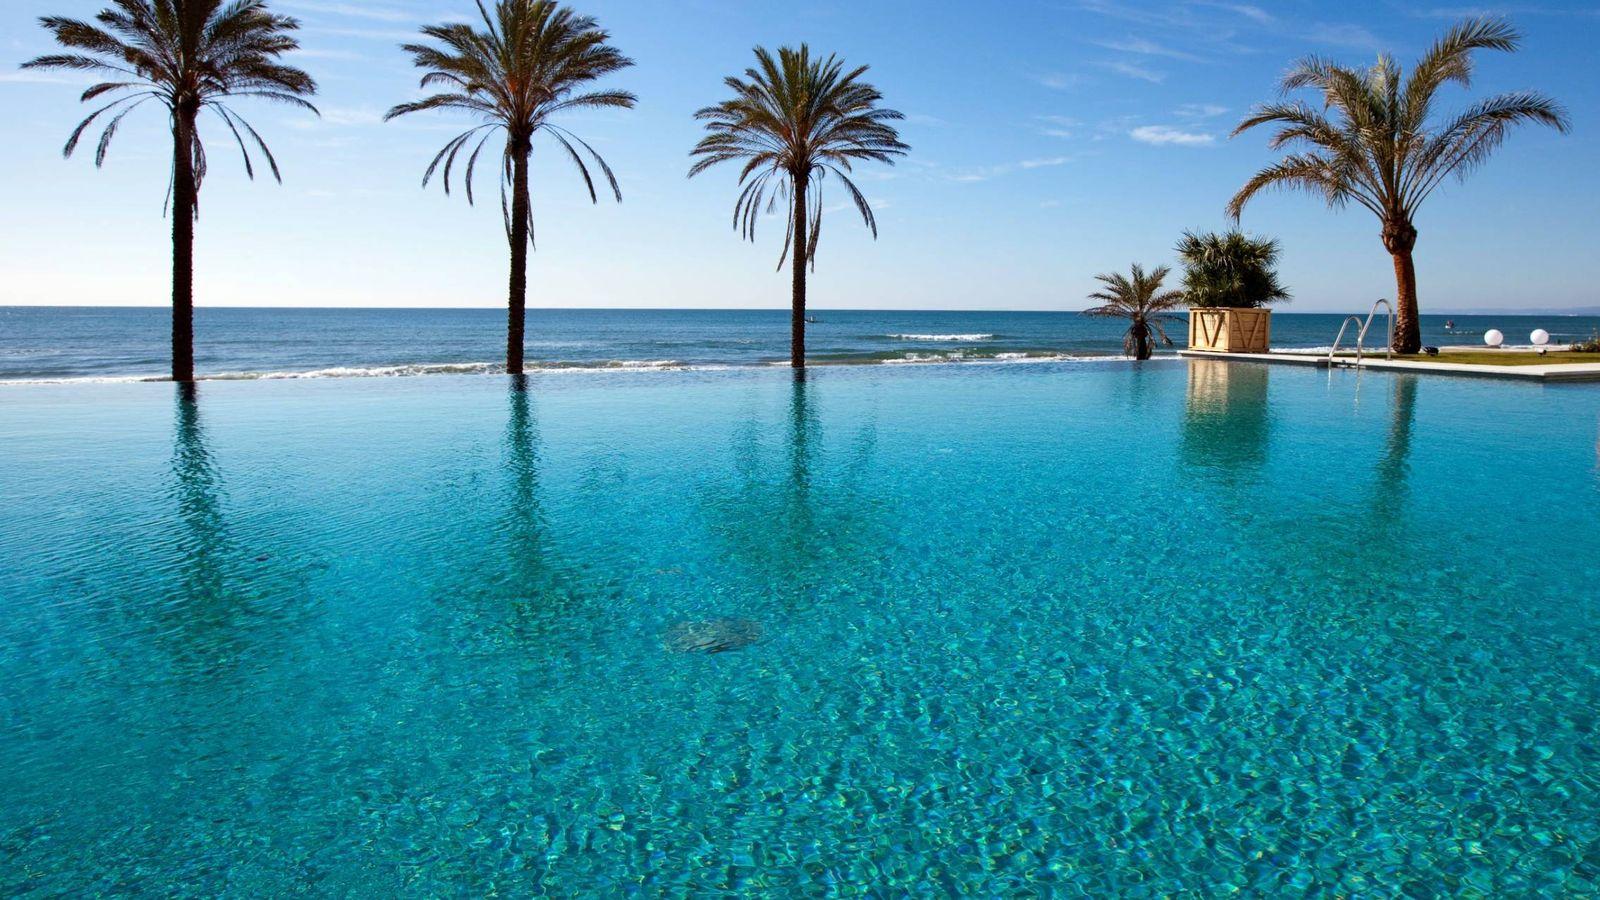 Foto: La piscina infinita del Beach Club Estrella del Mar, en Marbella. (Cortesía)